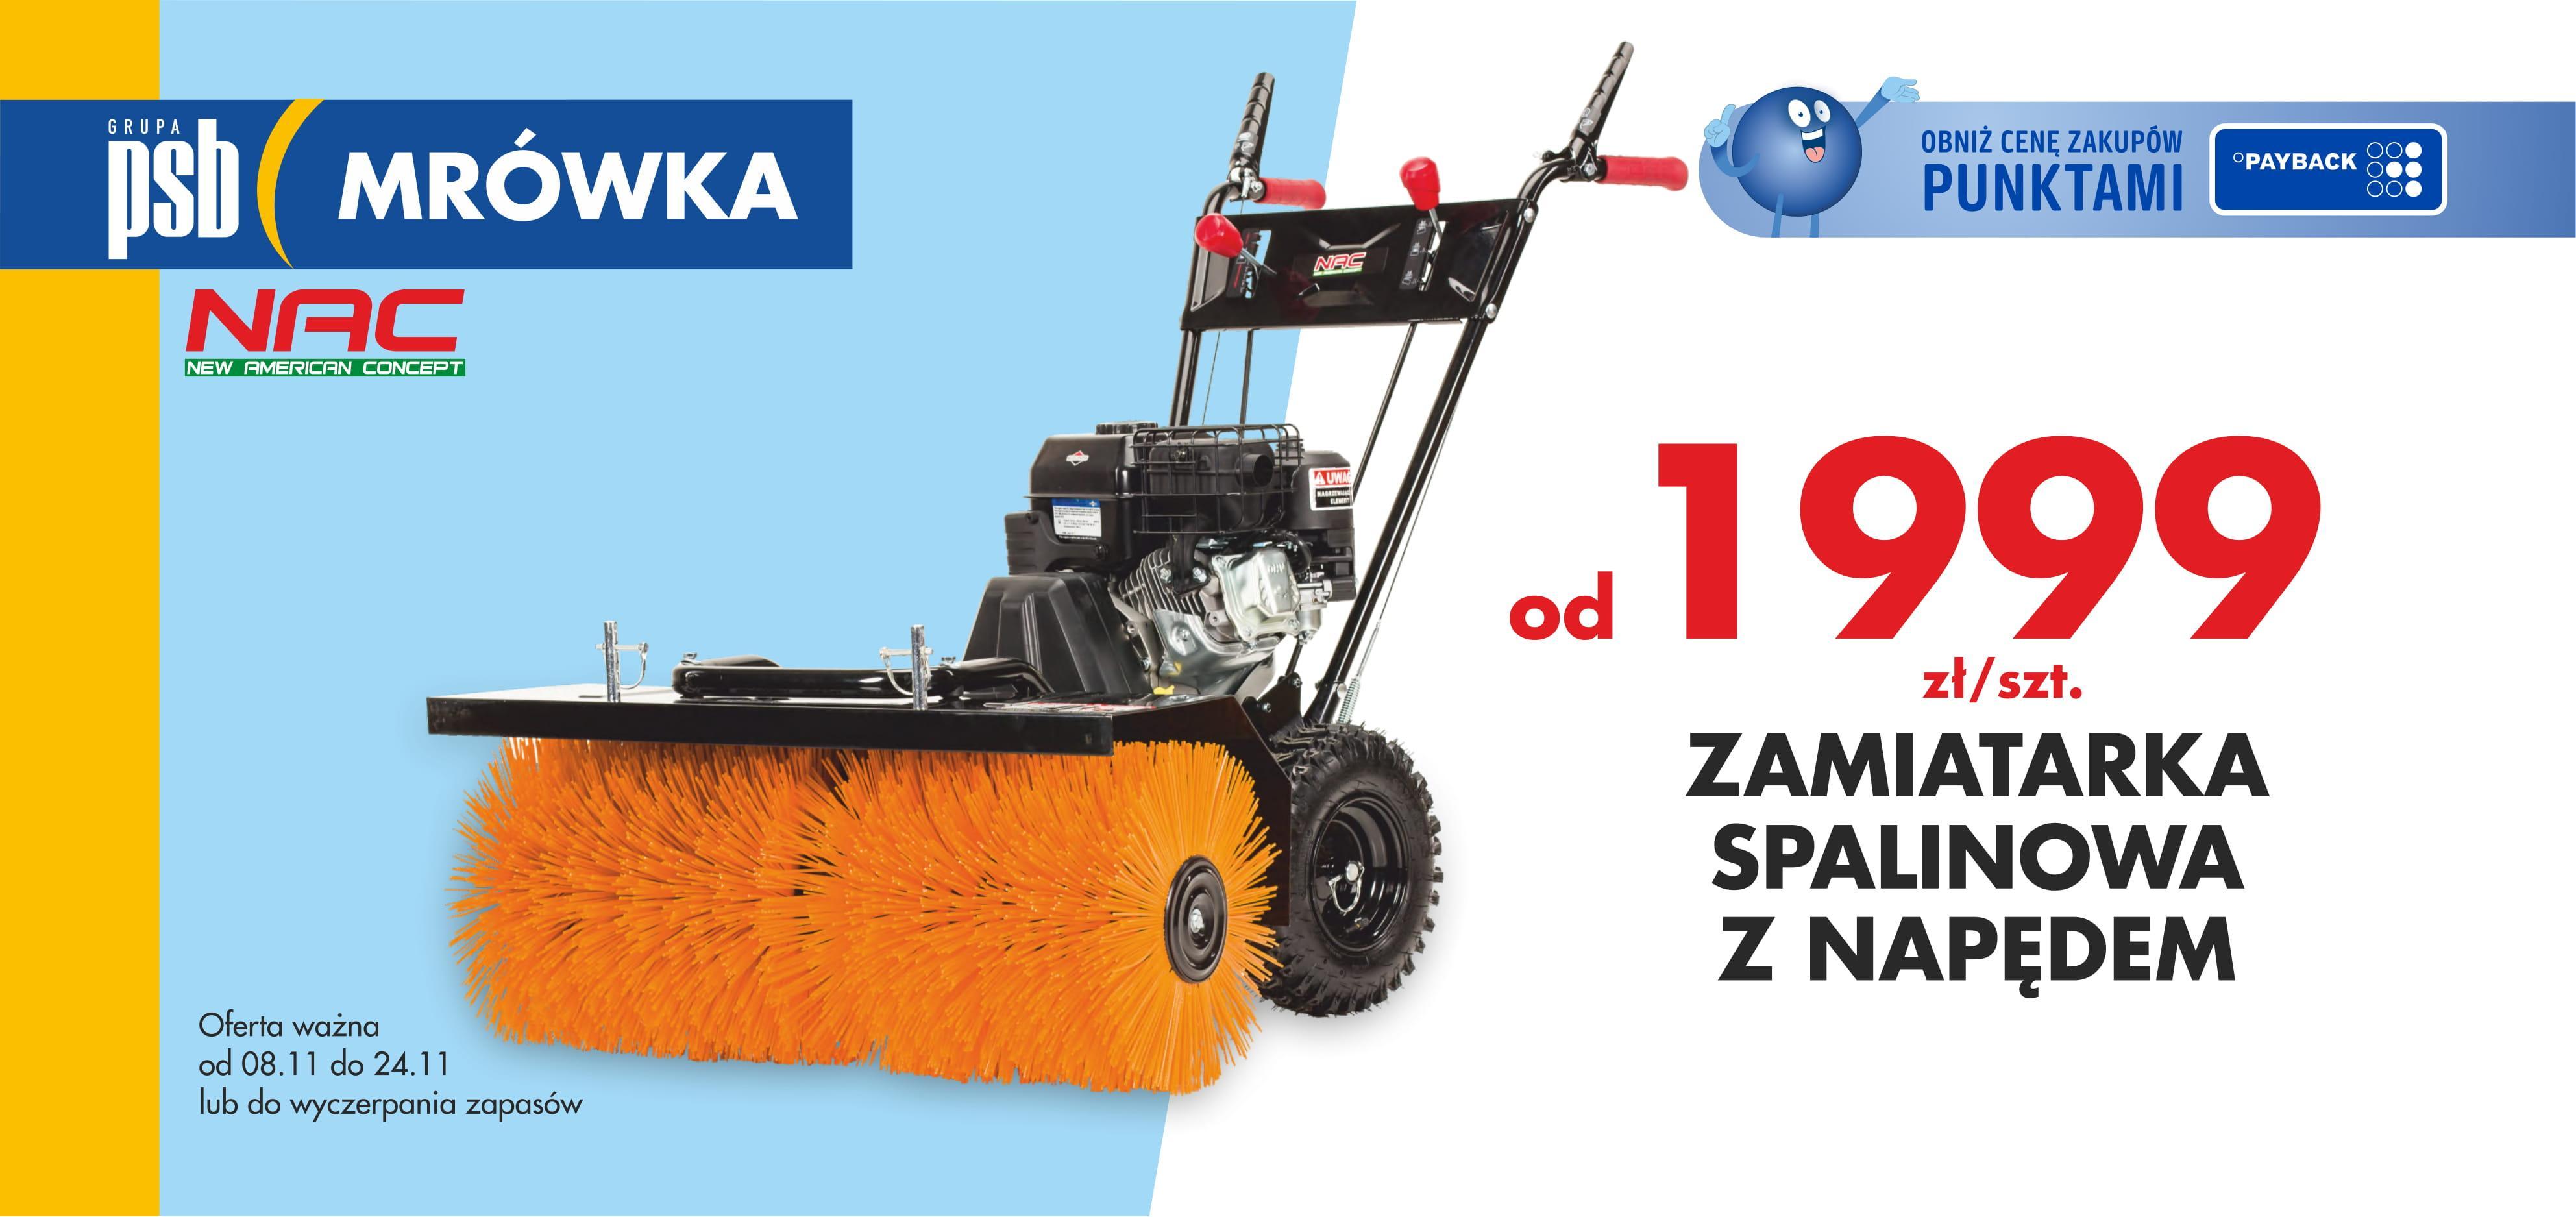 Zamiatarka-504x238-1